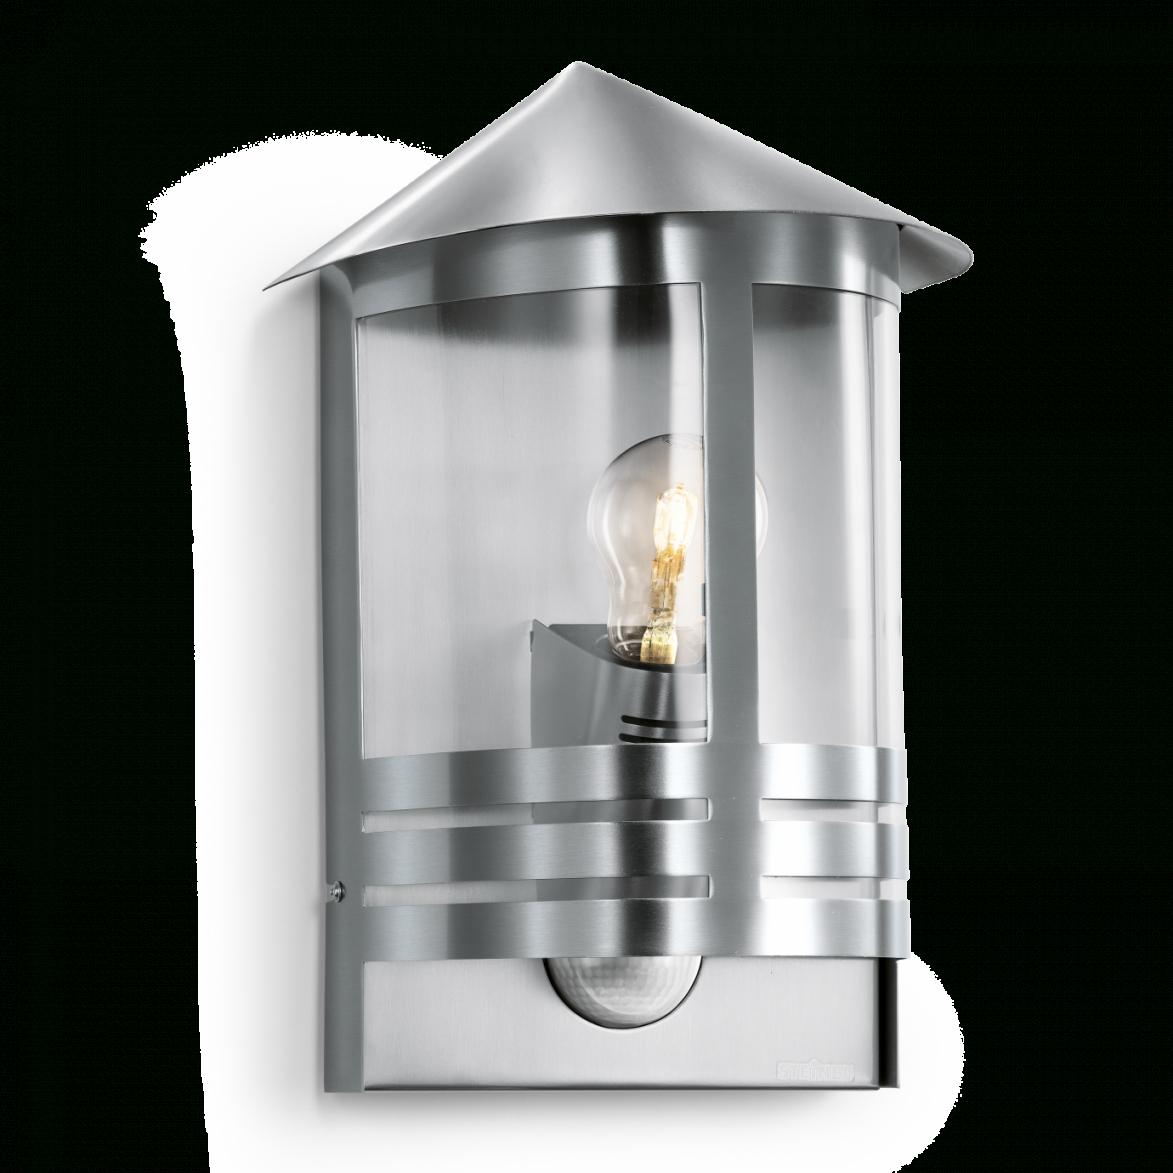 Buitenlampen  Steinel von Steinel L 860 S Photo